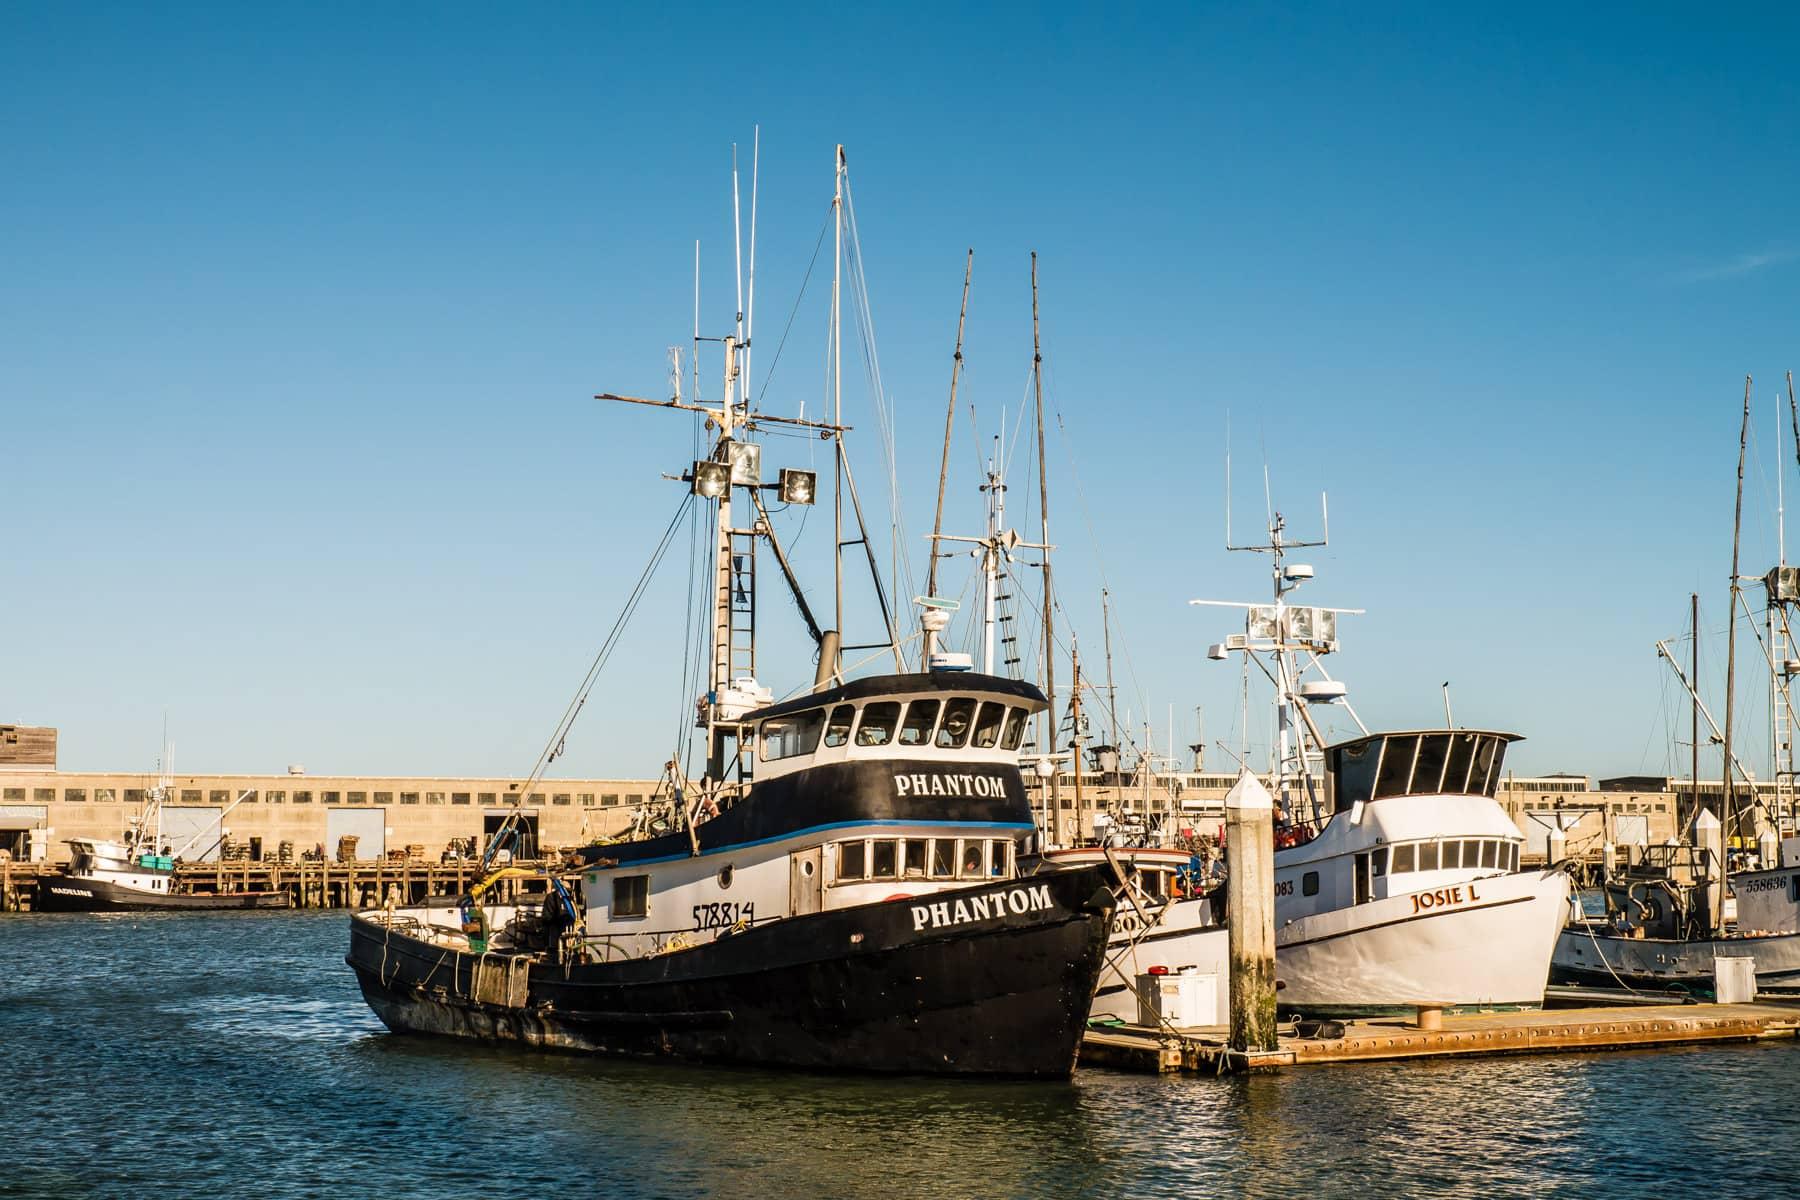 Boats docked at a pier along San Francisco's Fisherman's Wharf.